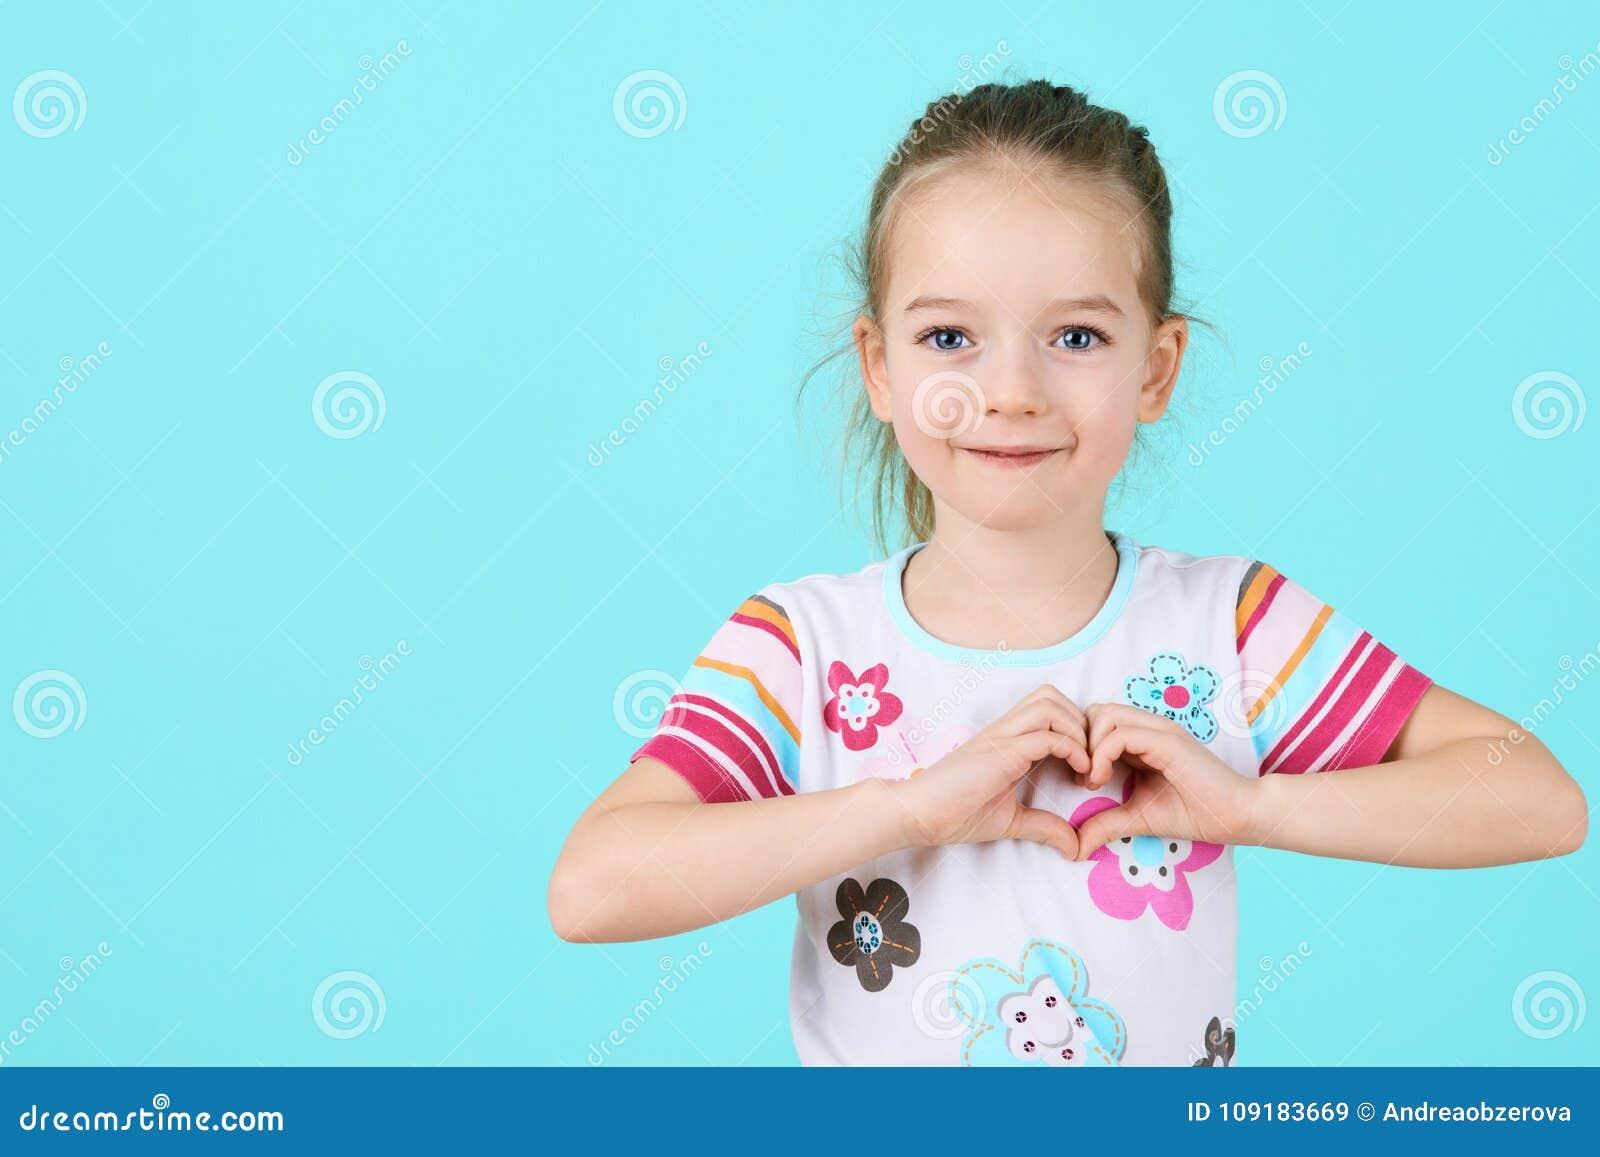 Kinderen, Liefdadigheid, Gezondheidszorg, Goedkeuringsconcept Glimlachend meisje die hart-vorm gebaar maken